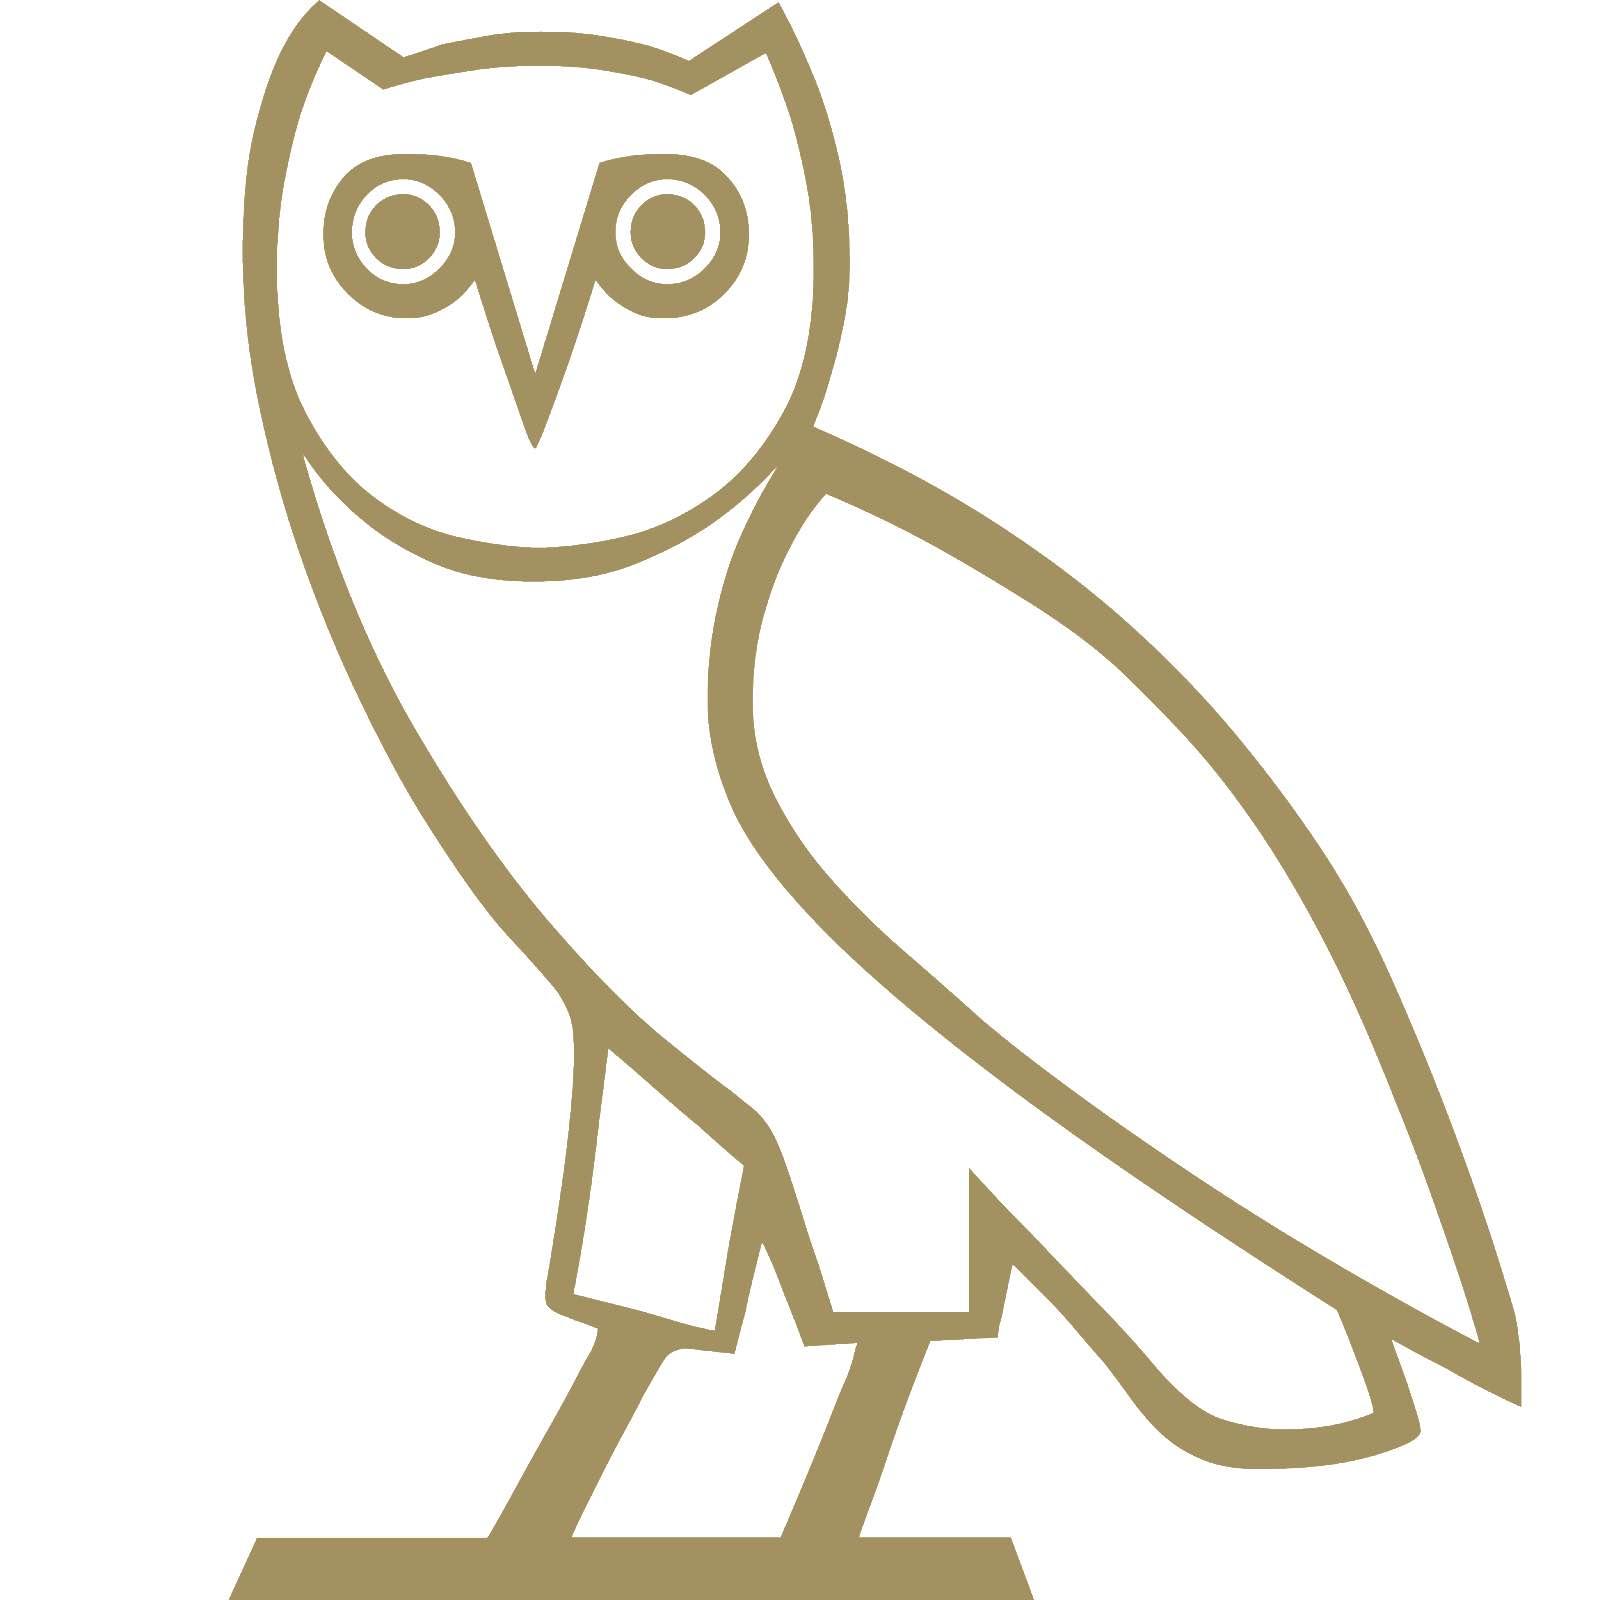 Drake Ovo Logo Png - HD Wallpaper